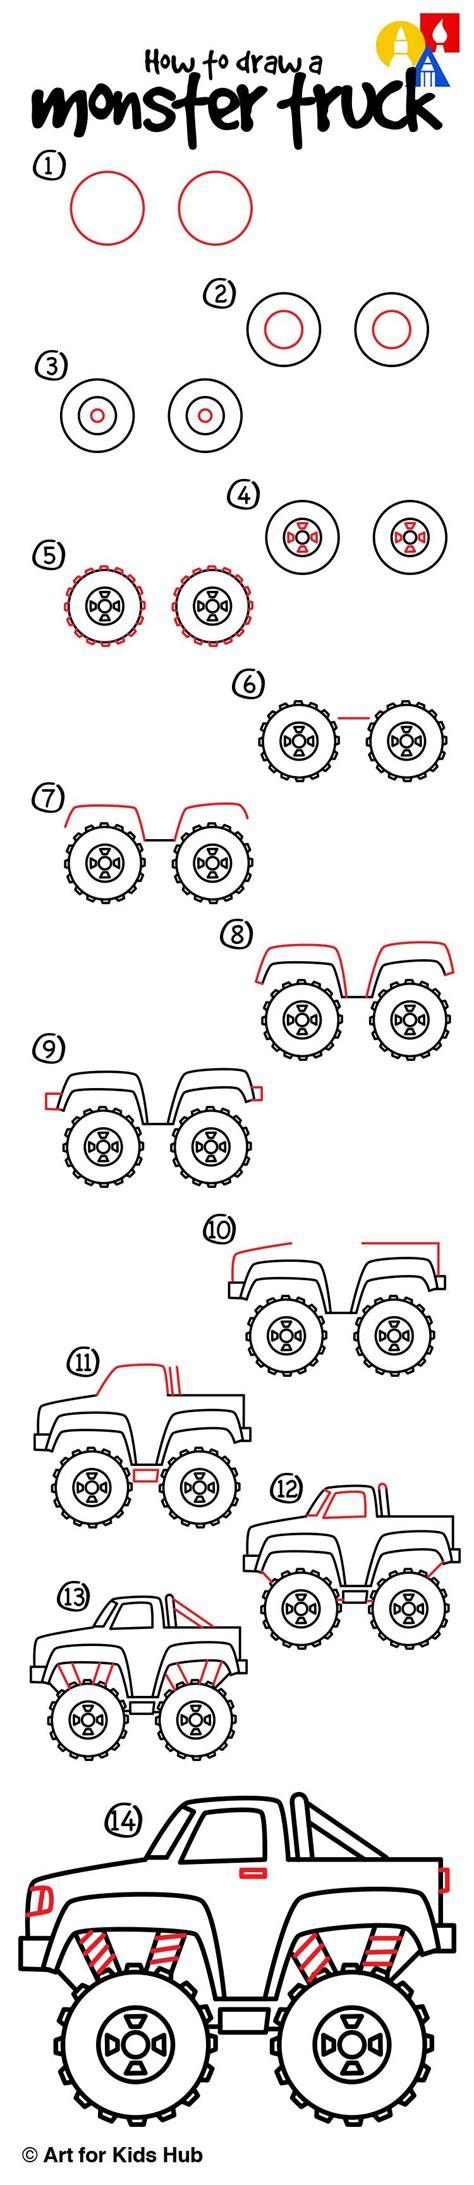 monster trucks drawings how to draw a monster truck art for kids hub monster